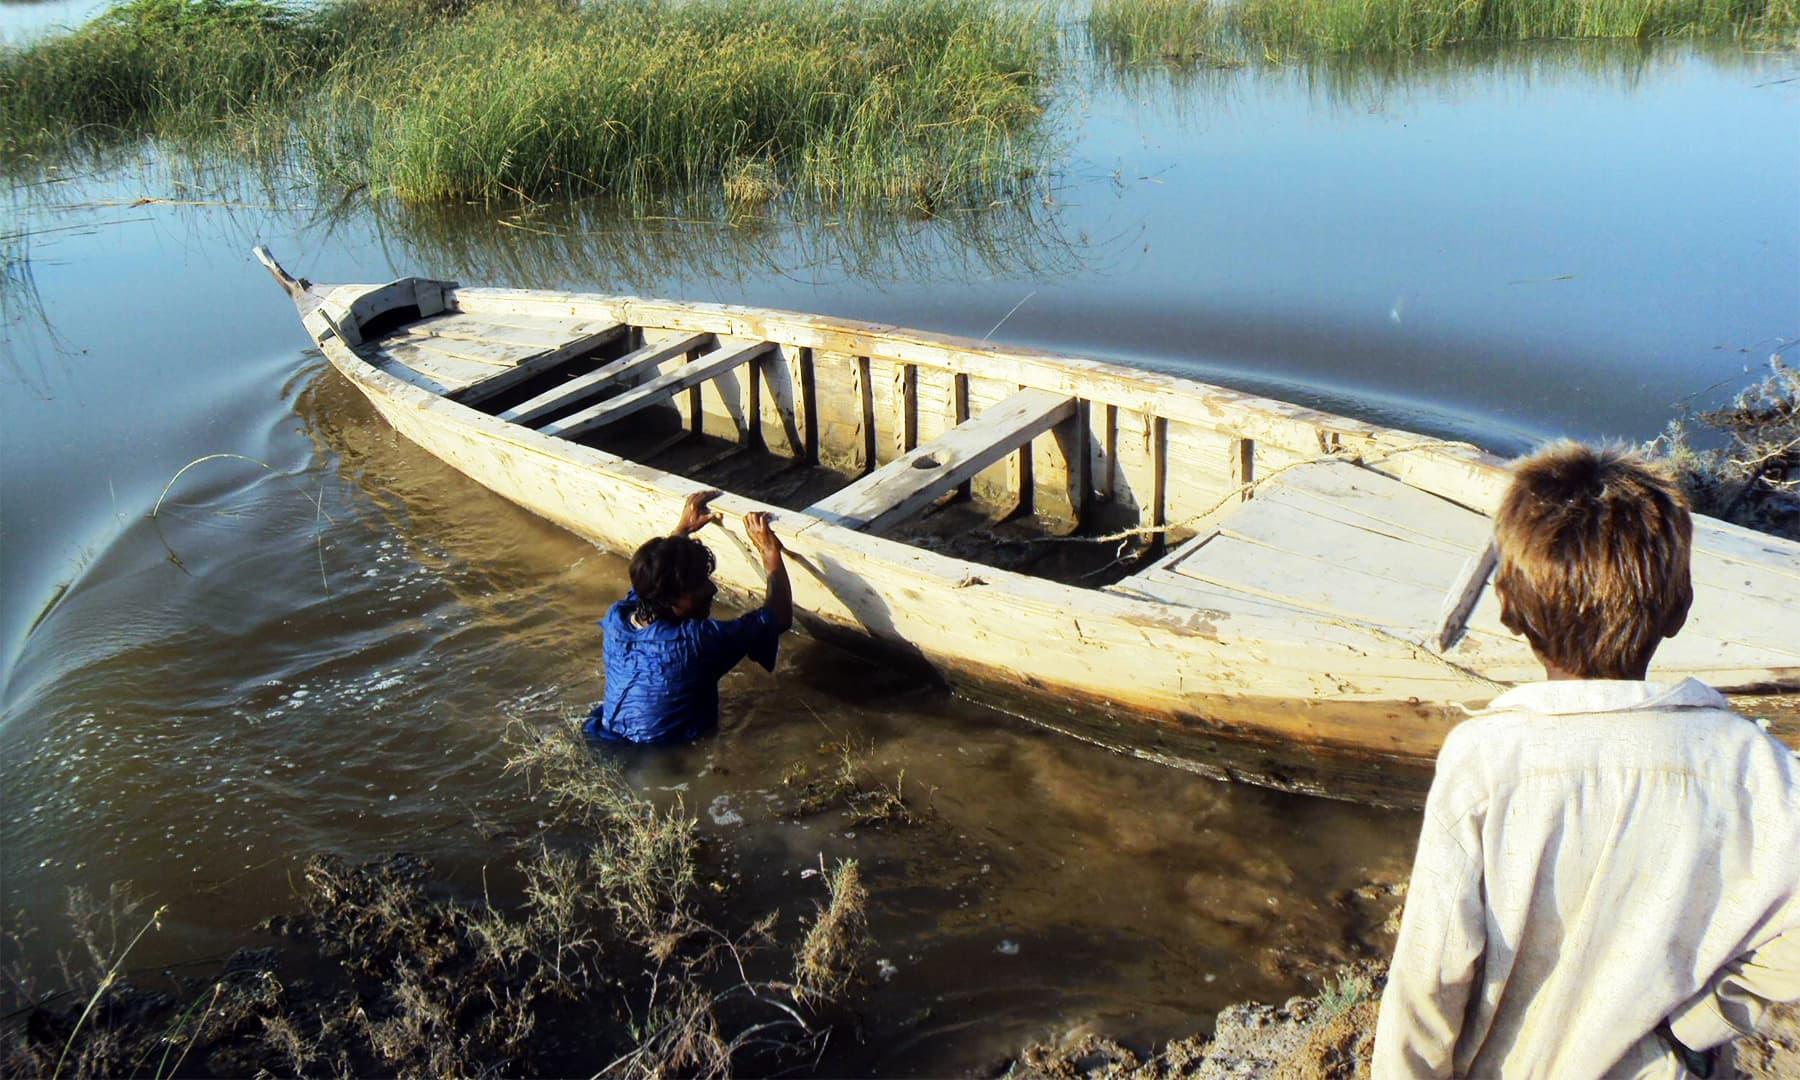 جھیلوں کے کنارے زندگی بسر کر رہے لوگ — تصویر ابوبکر شیخ